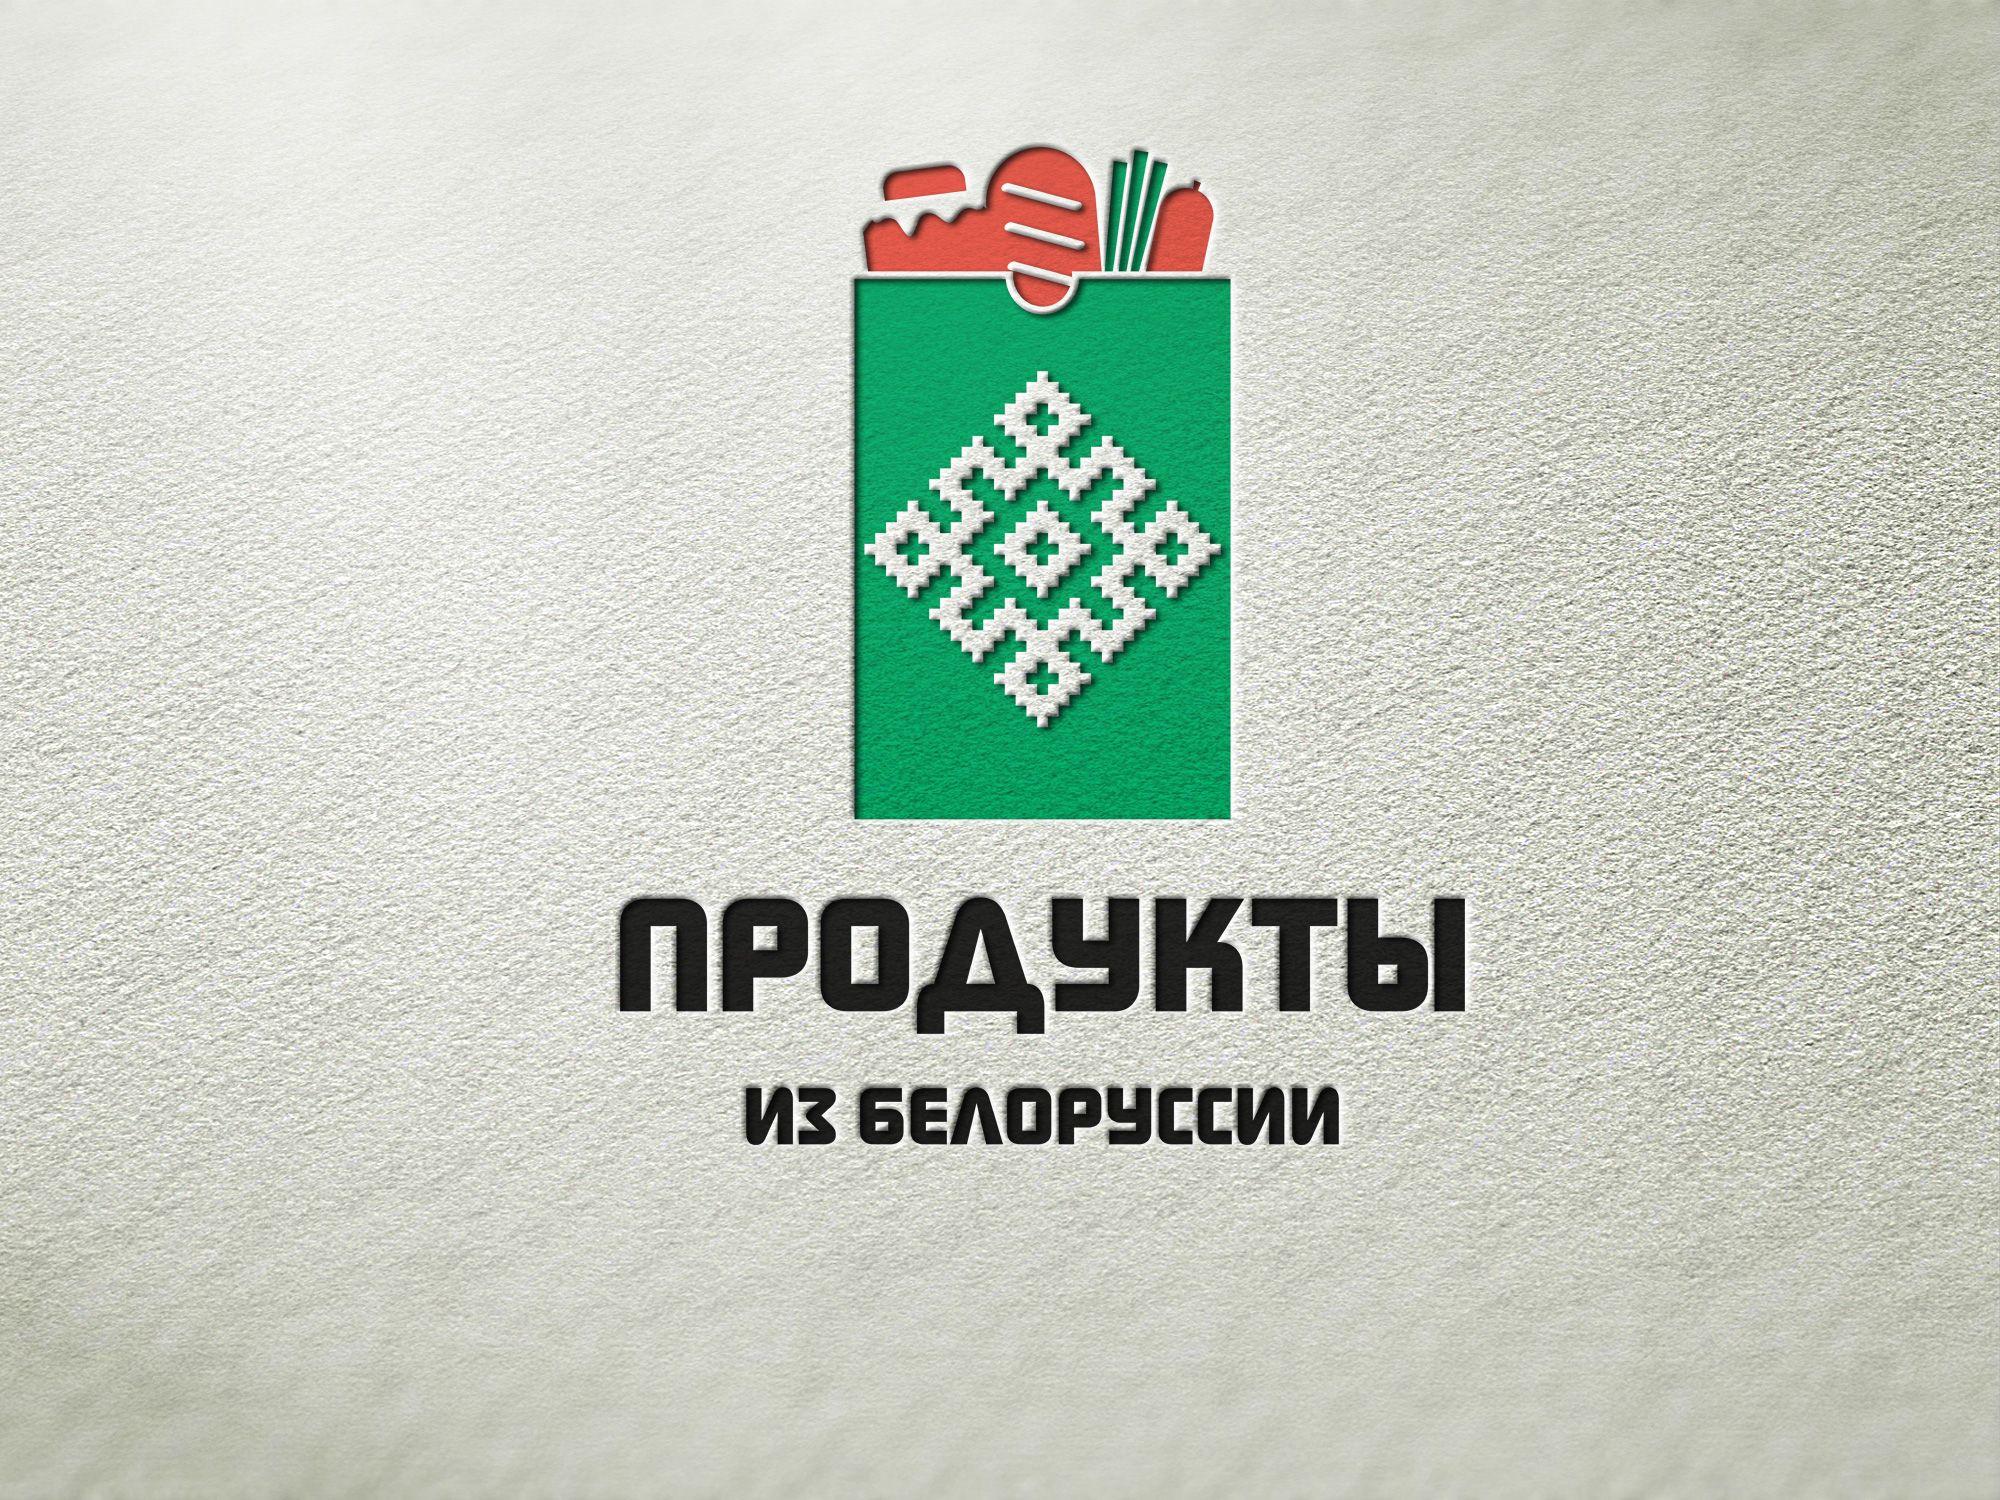 Логотип для Продукты из белоруссии, белорусские продукты - дизайнер bobrofanton